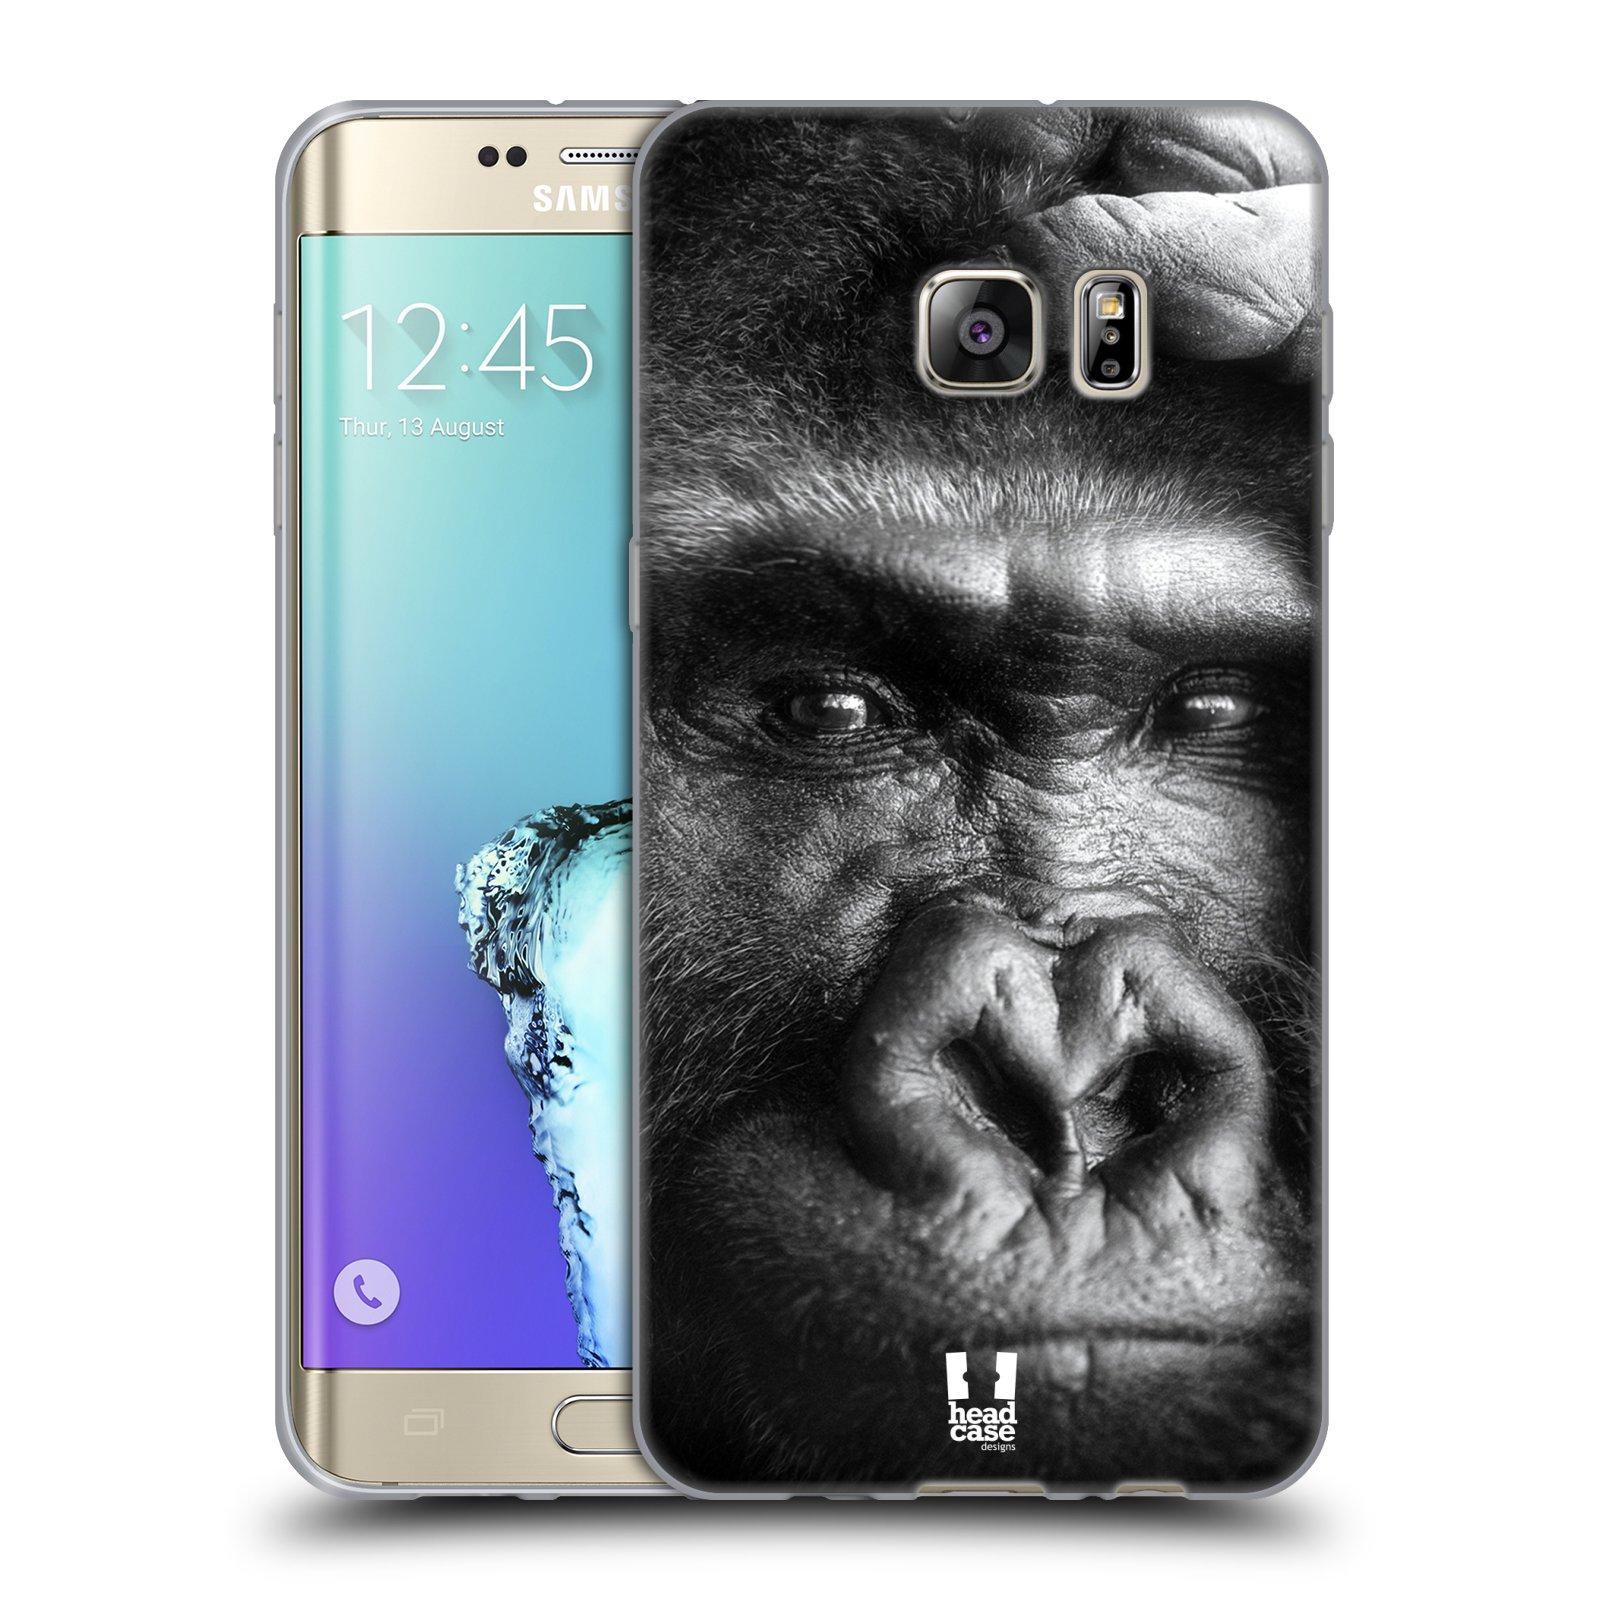 HEAD CASE silikonový obal na mobil Samsung Galaxy S6 EDGE PLUS vzor Divočina, Divoký život a zvířata foto GORILA TVÁŘ